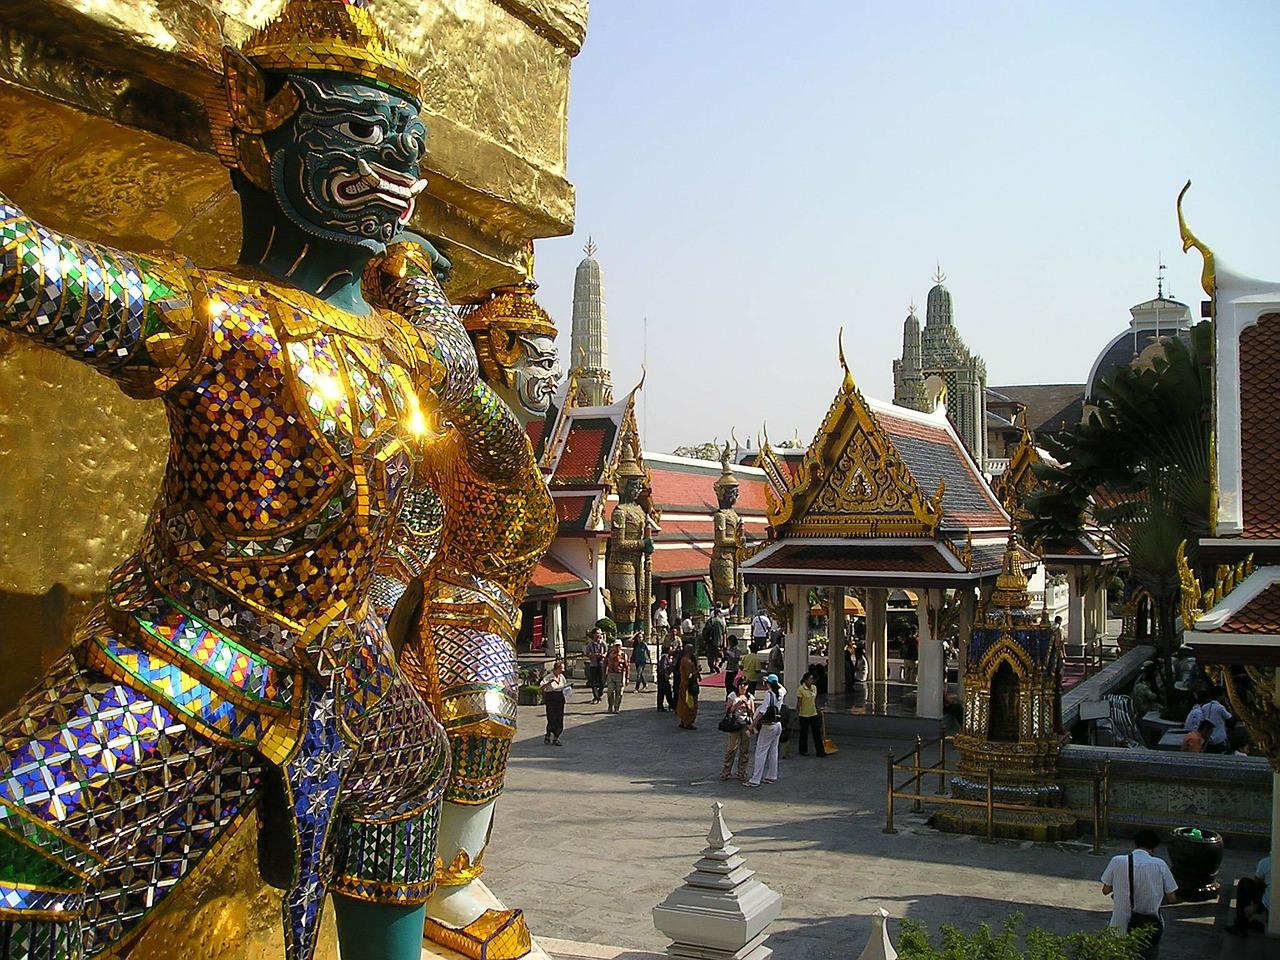 günstige Reiseangebote für Thailand